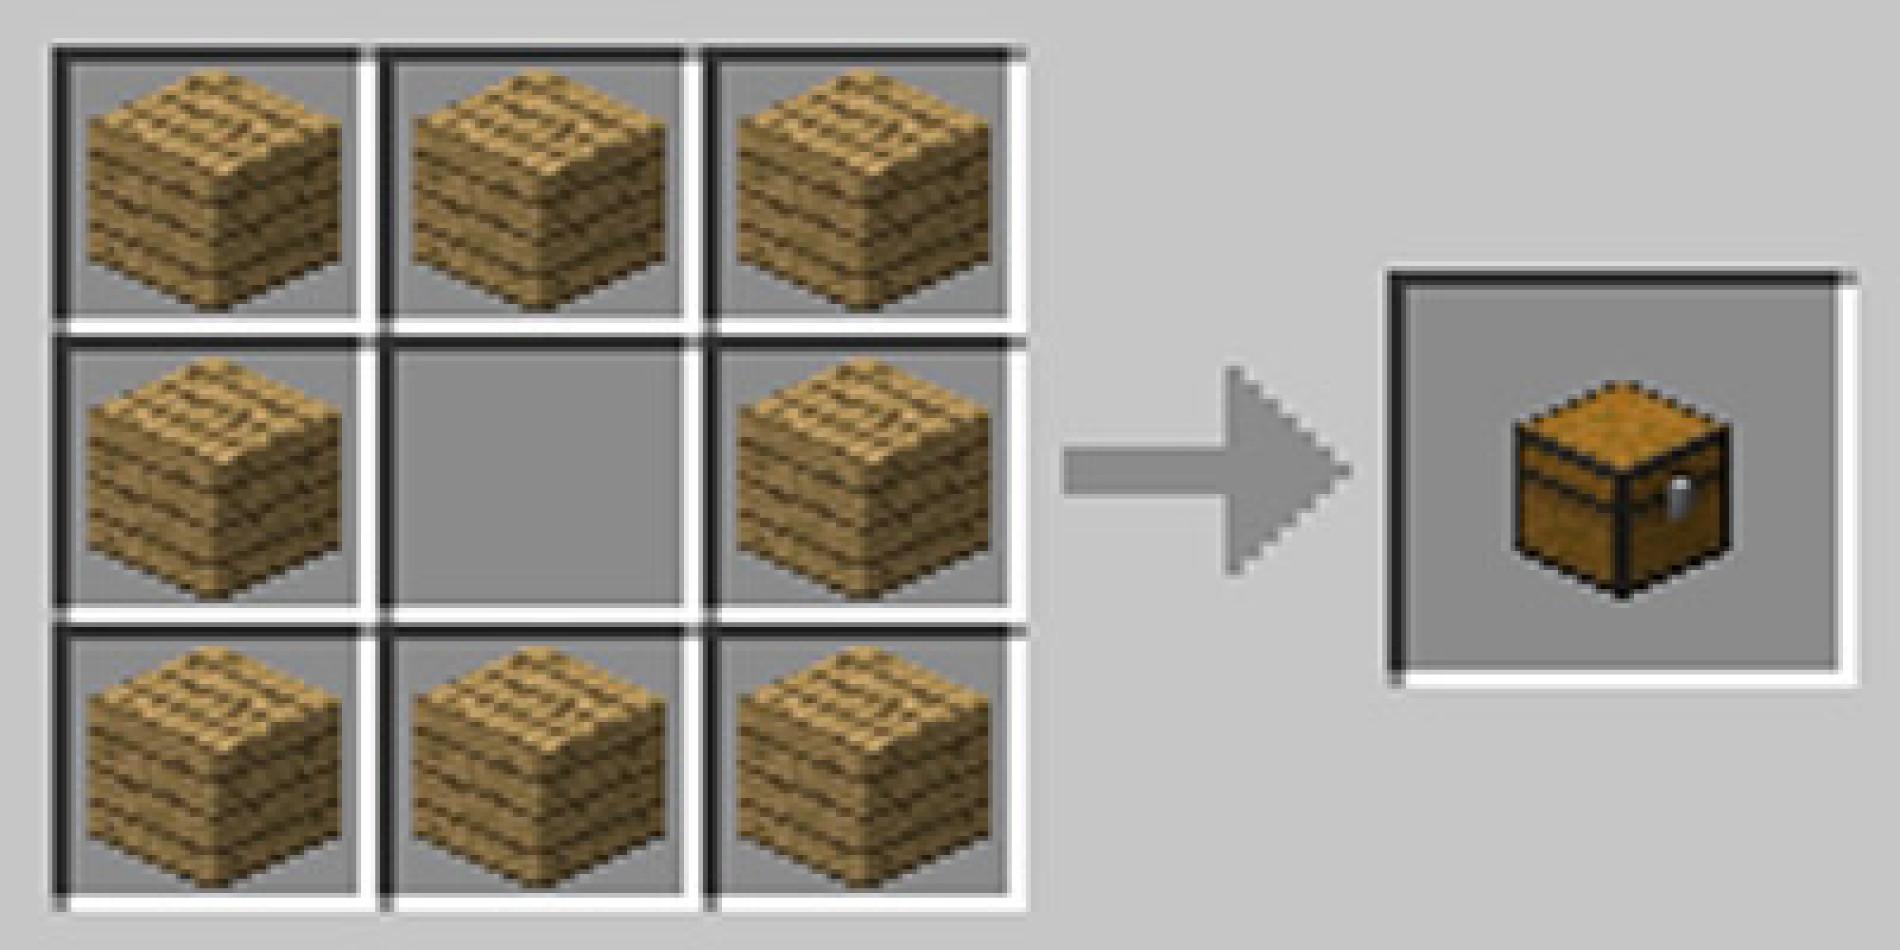 home minecraft como fazer bau chest no minecraft #927239 1900x950